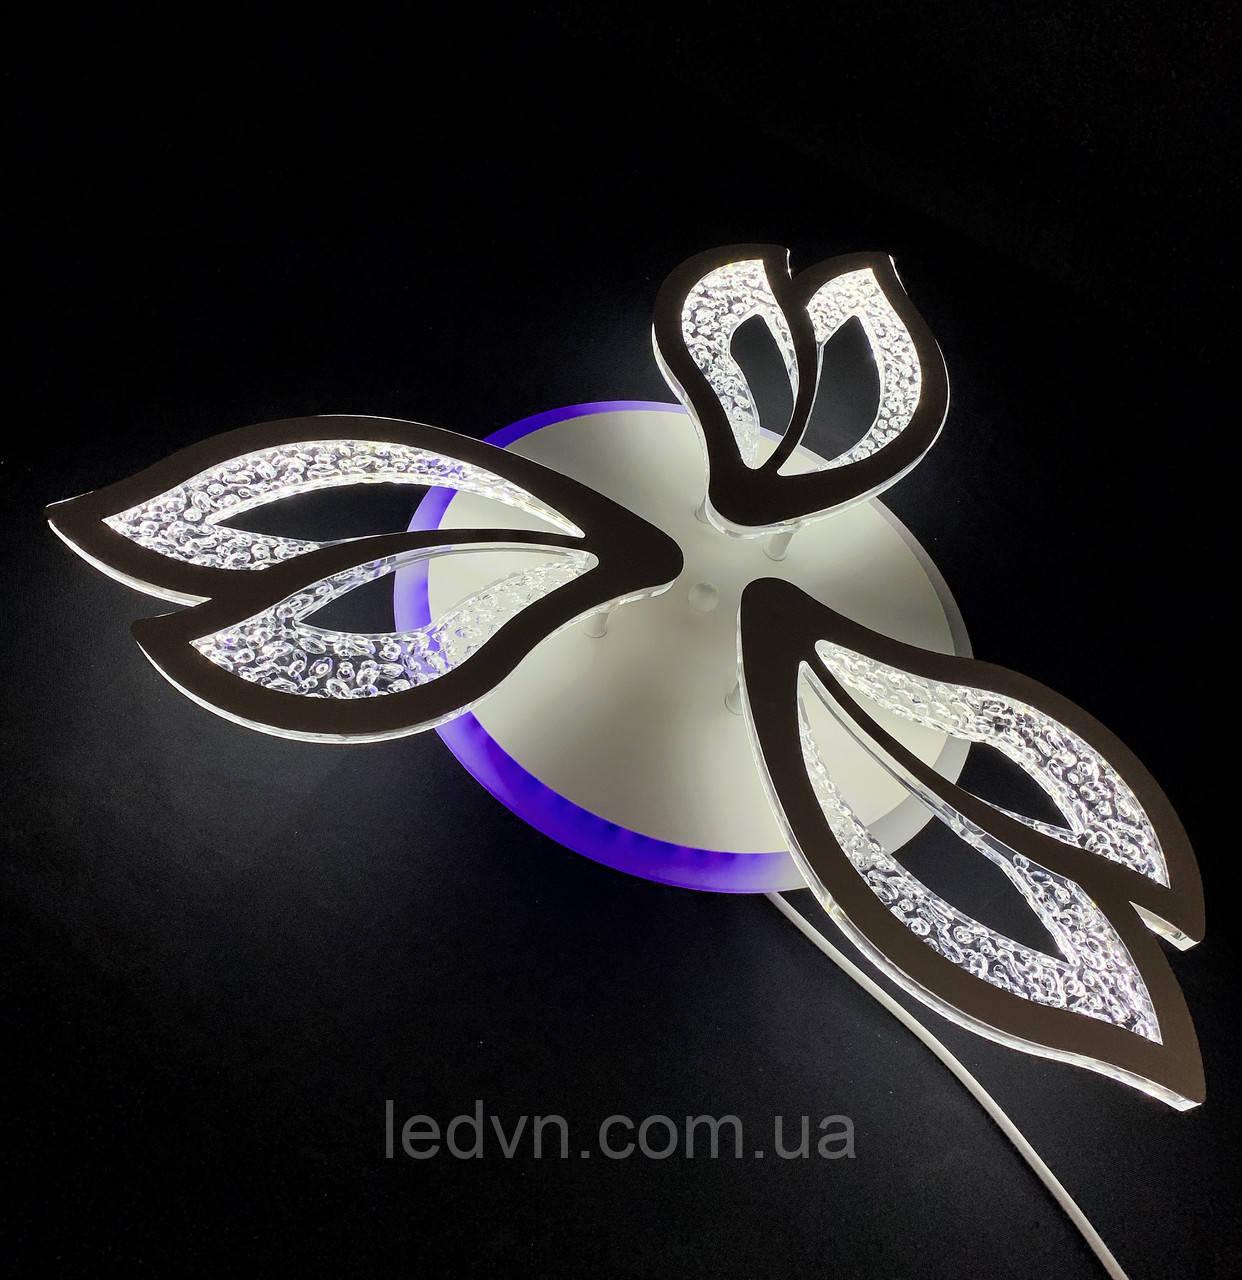 Потолочная светодиодная люстра три лепестка белая 55 вт